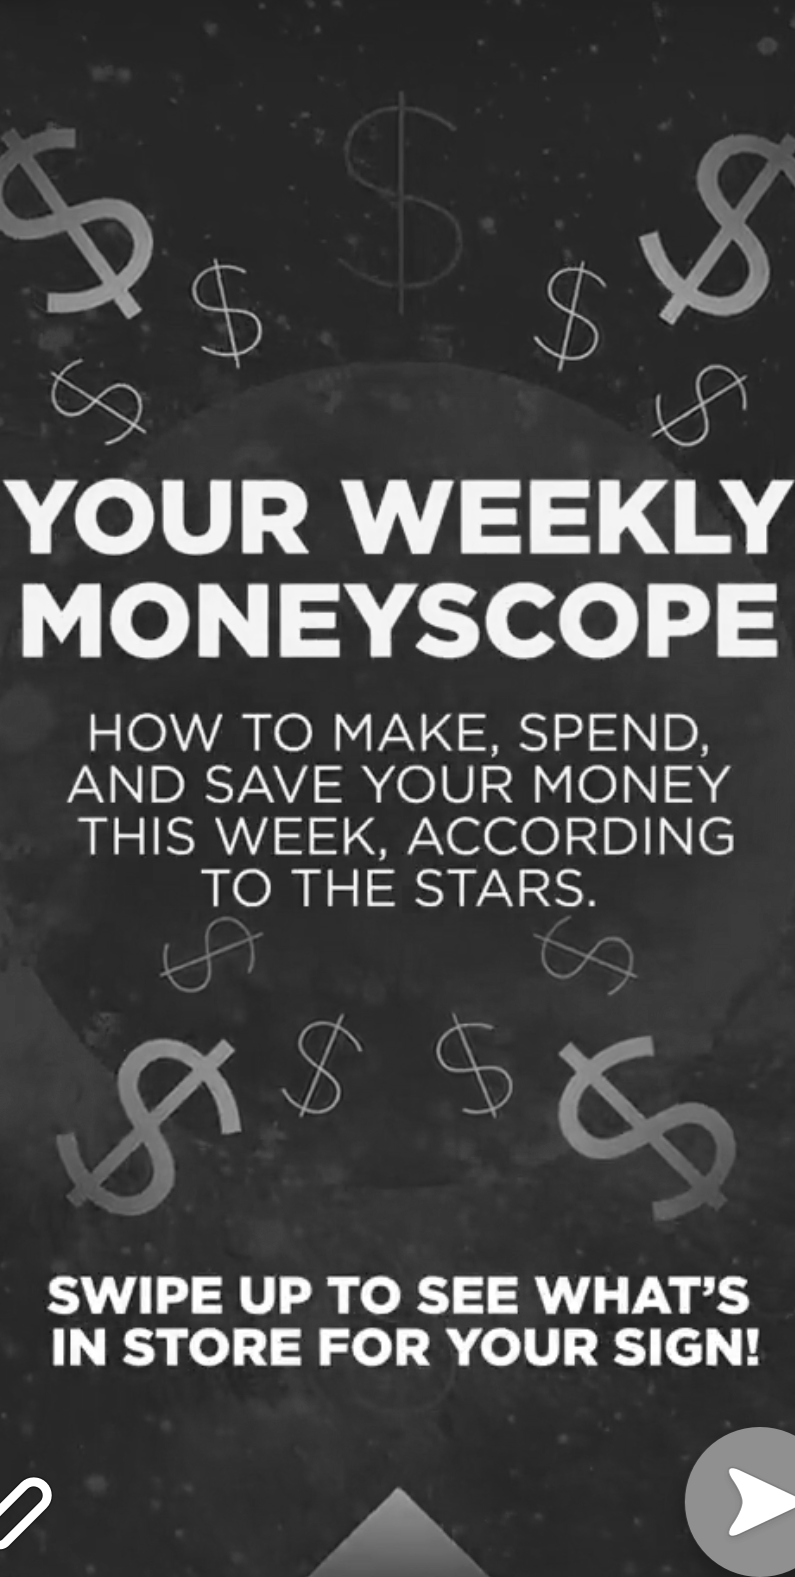 Cheddar - Moneyscopes May 2018